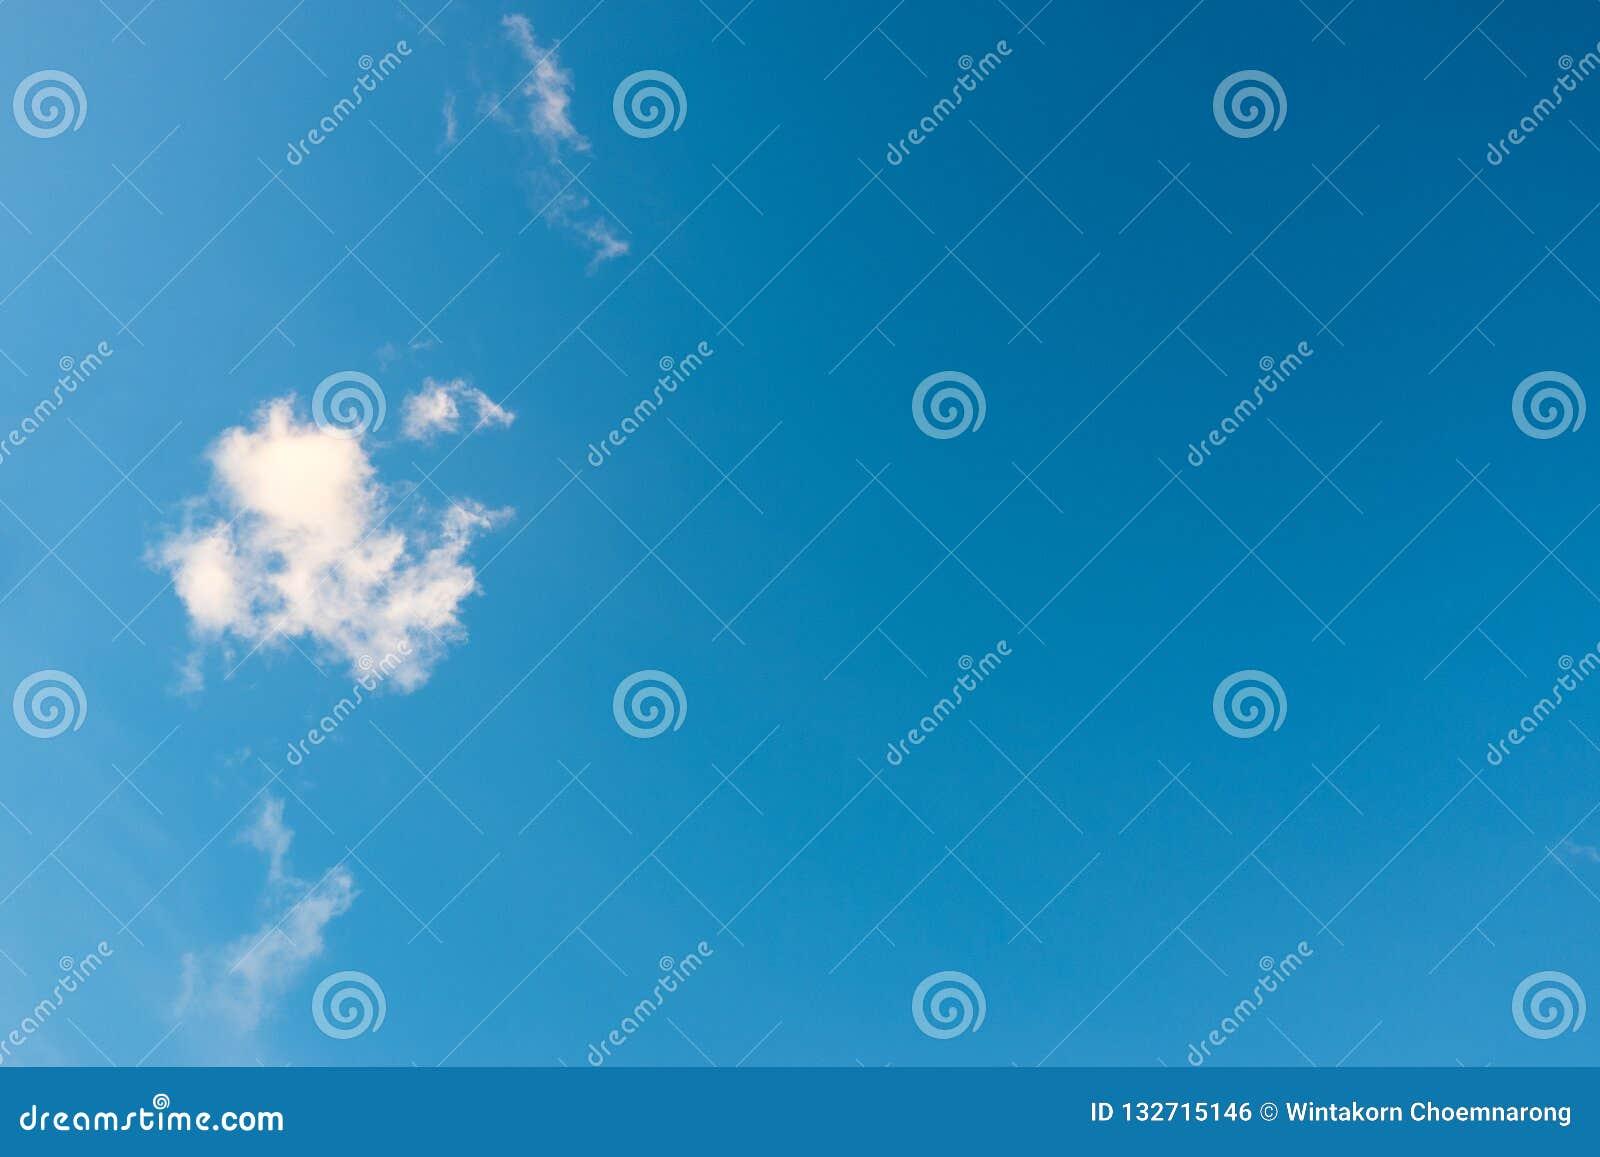 Blauer Himmel und kleine flaumige Wolken im Sommer Überraschen bewölkt